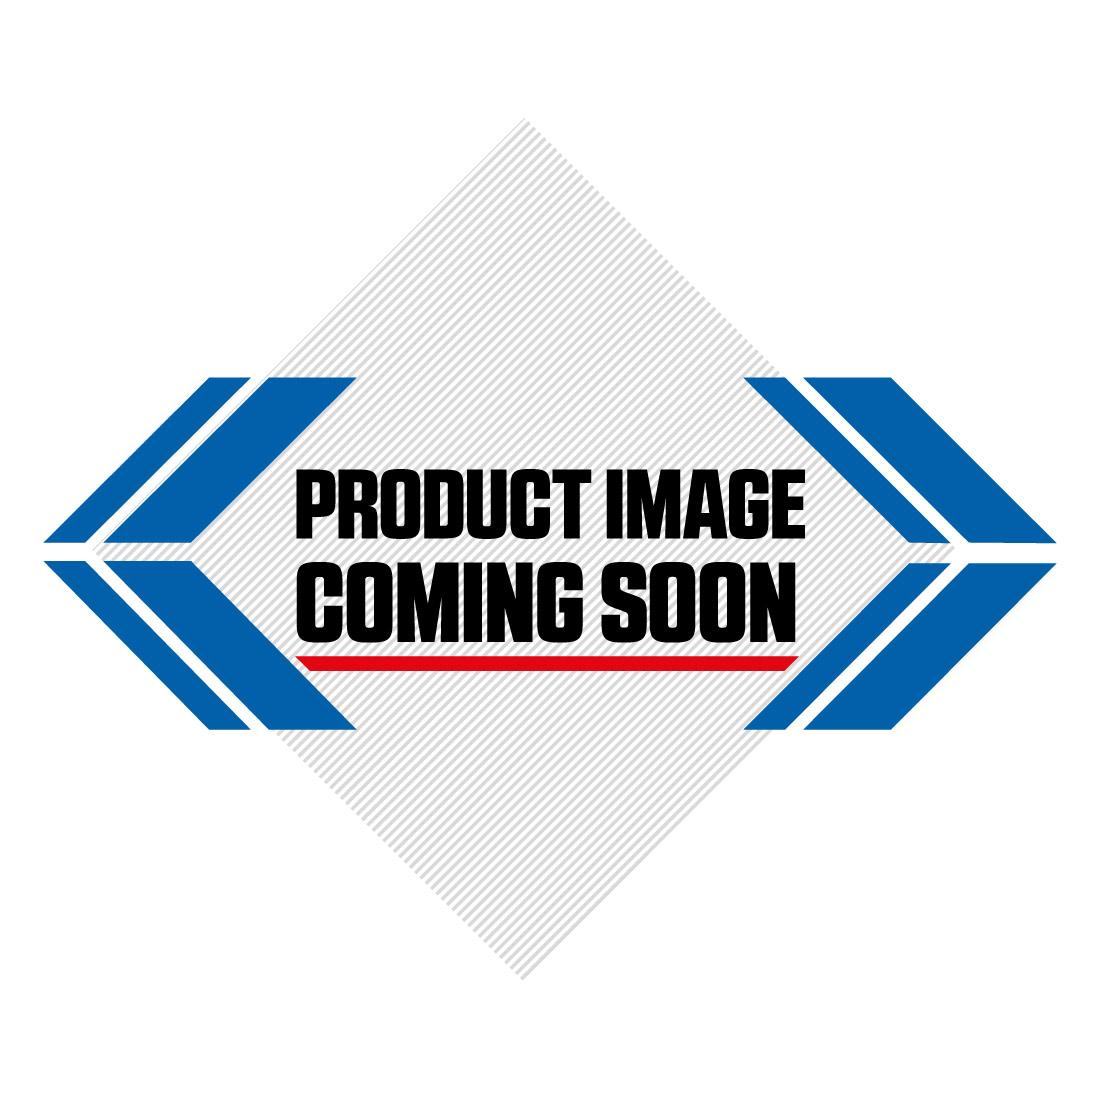 Husqvarna Plastic Kit OEM Factory Image-2>